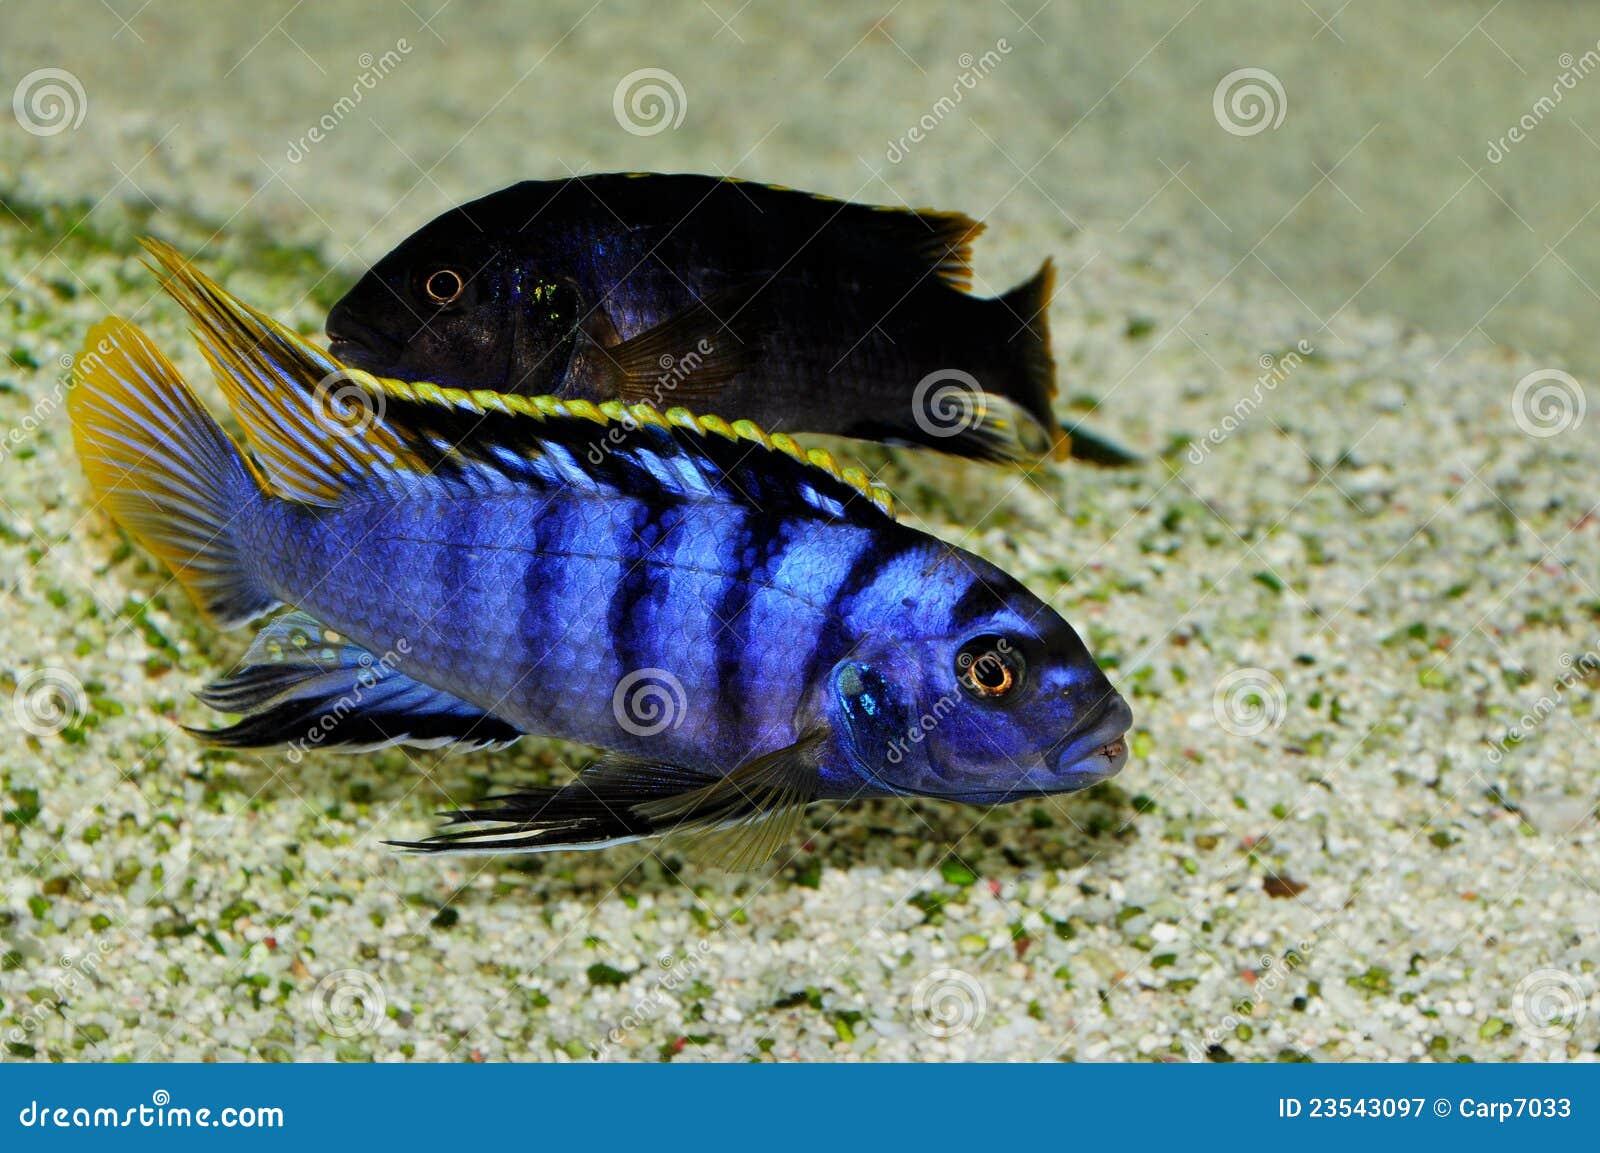 Labidochromis Sp Mbamba Stock Image Image Of Eyes Fish